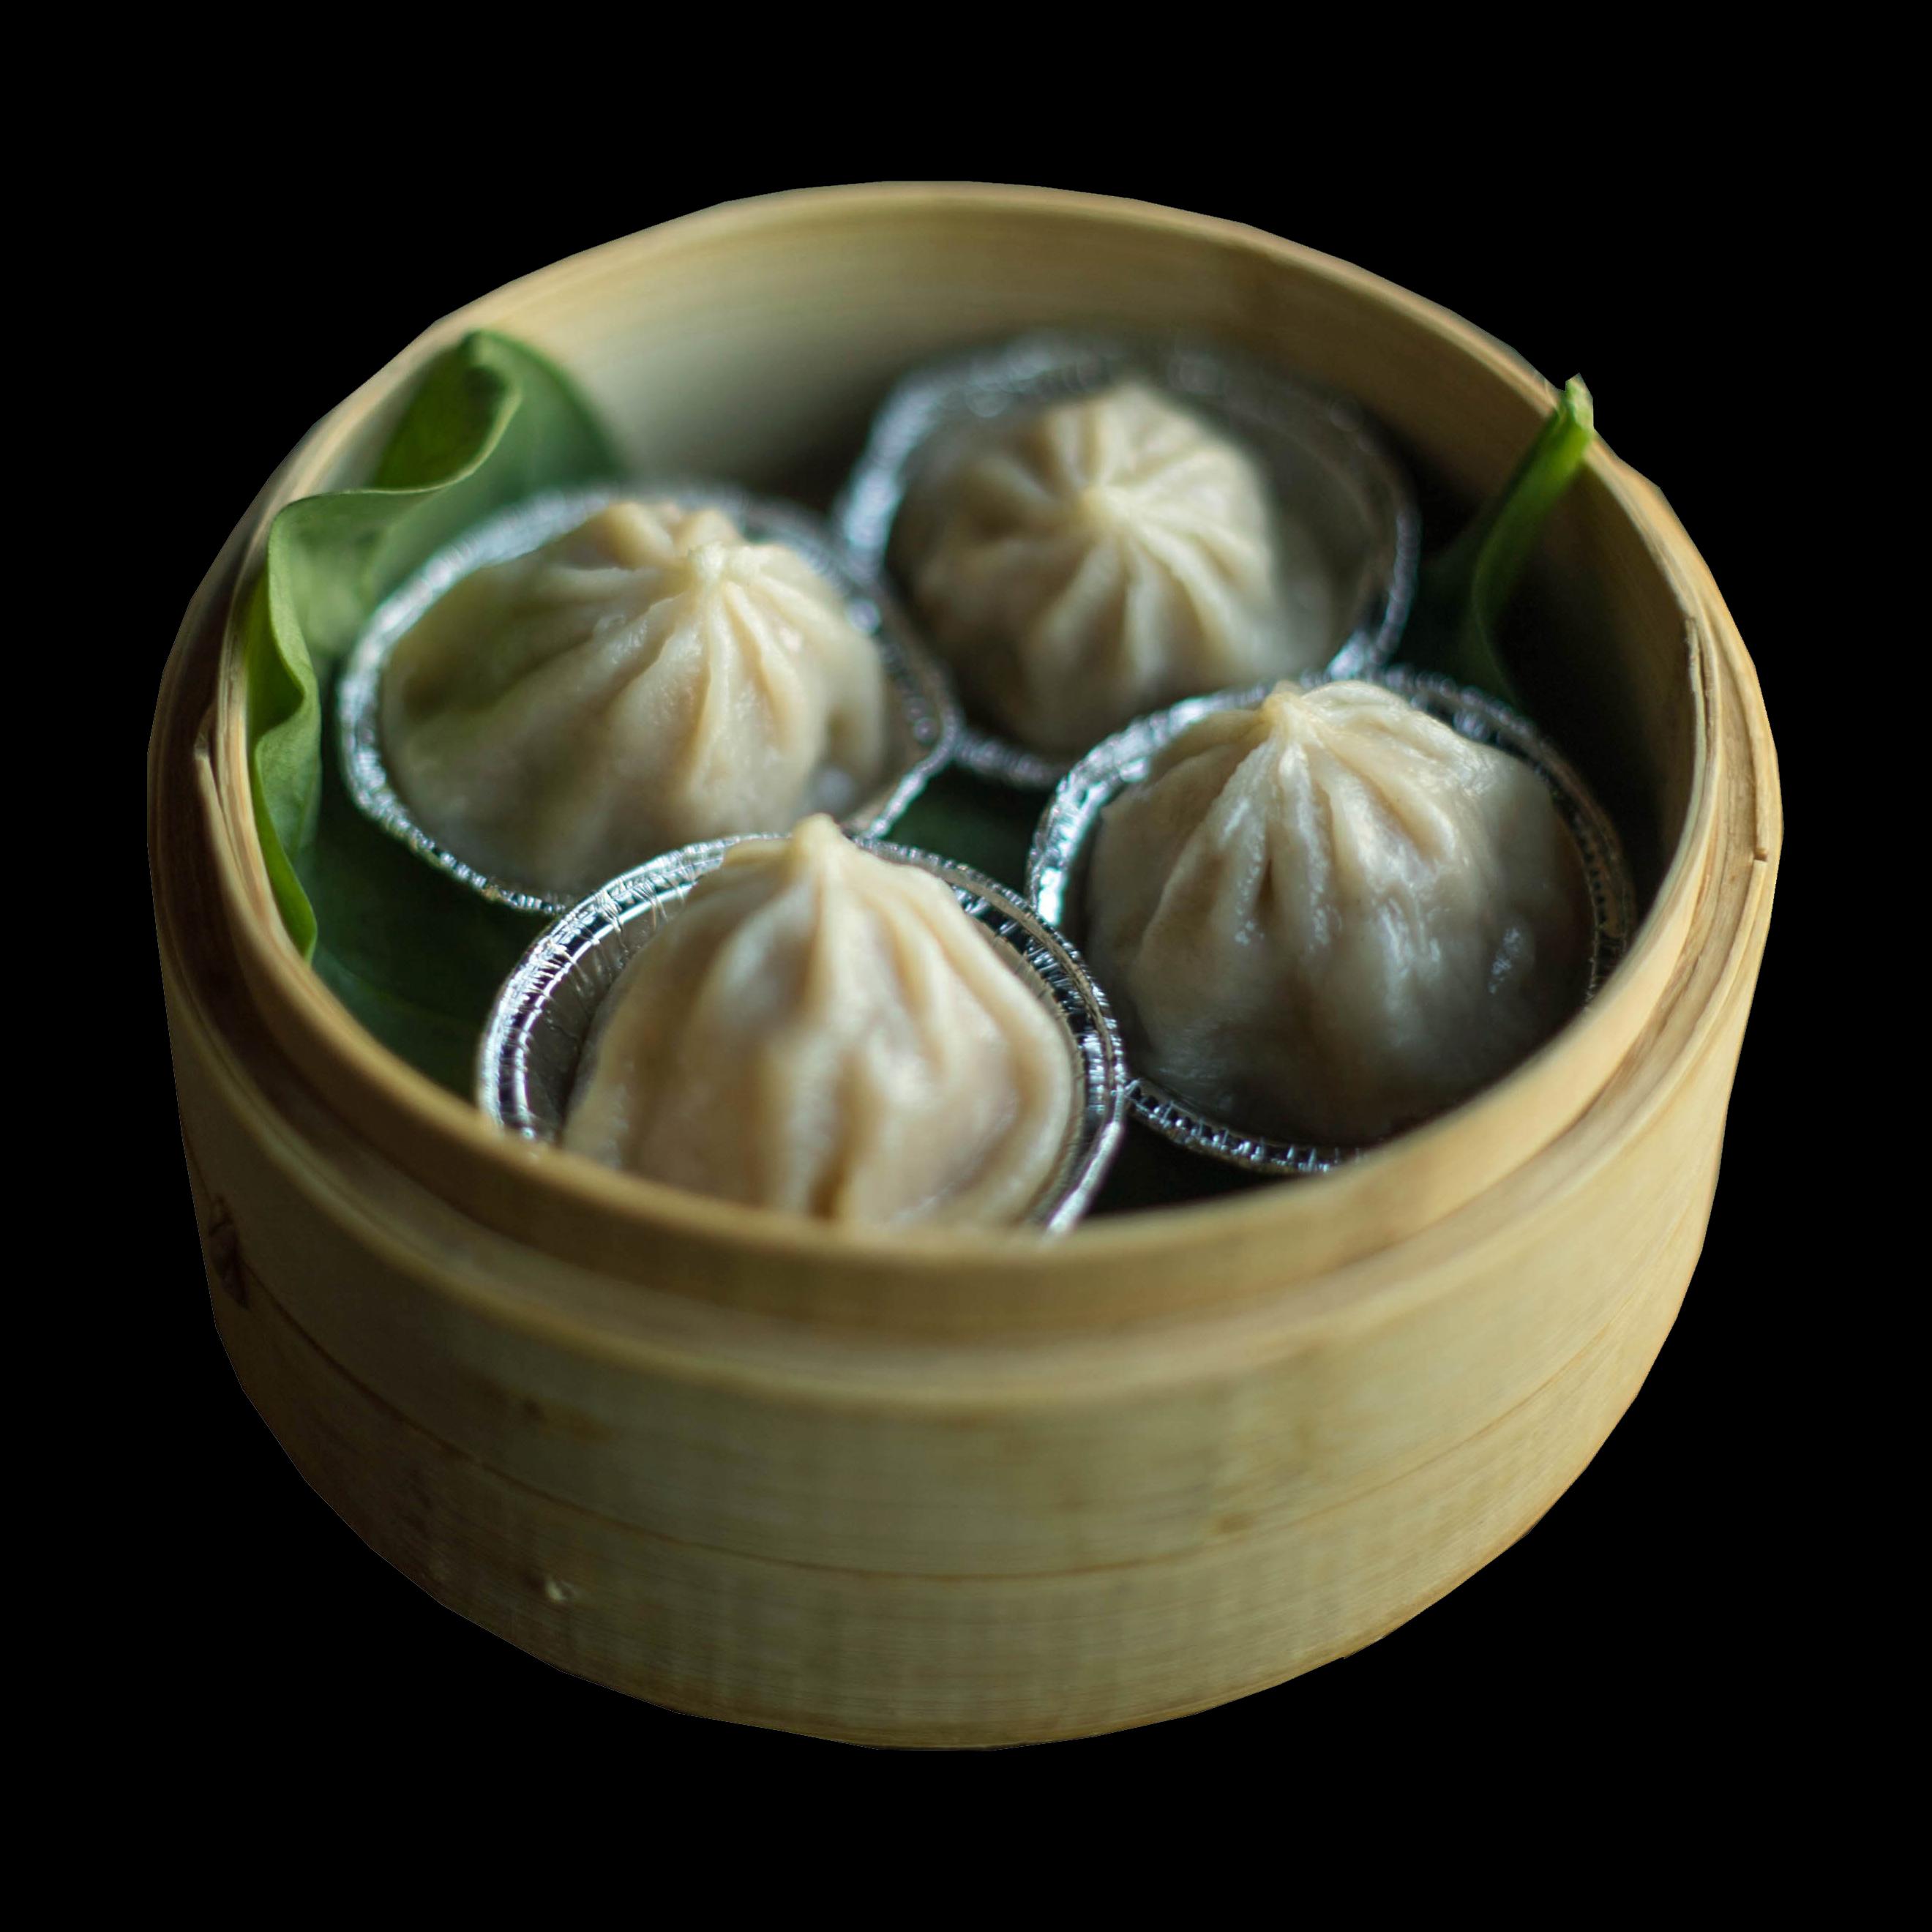 3. 小笼包 Shanghai Soup Dumplings